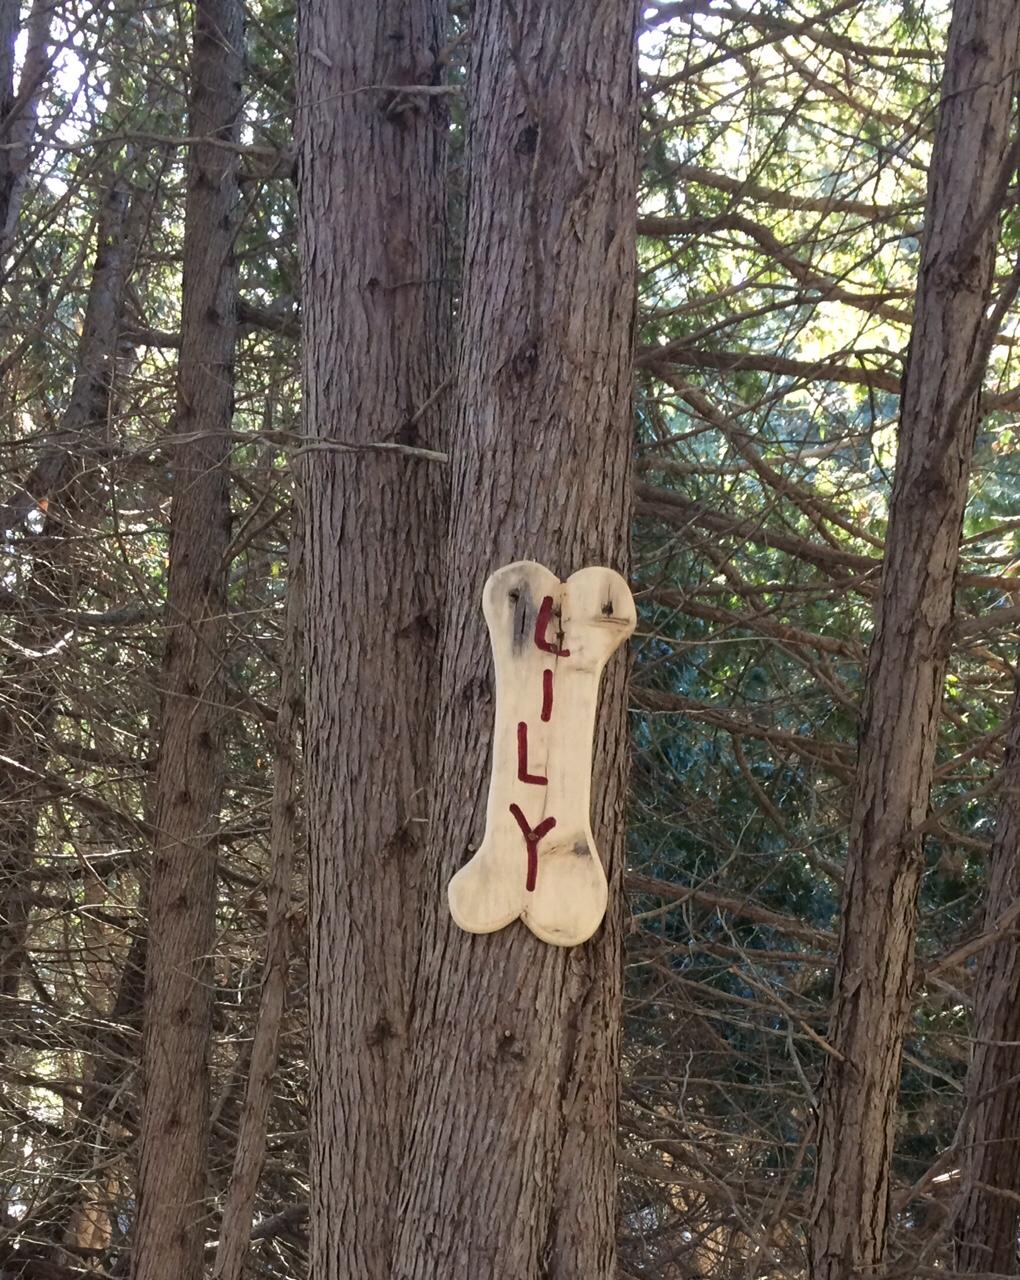 Wooden Bones in the Park